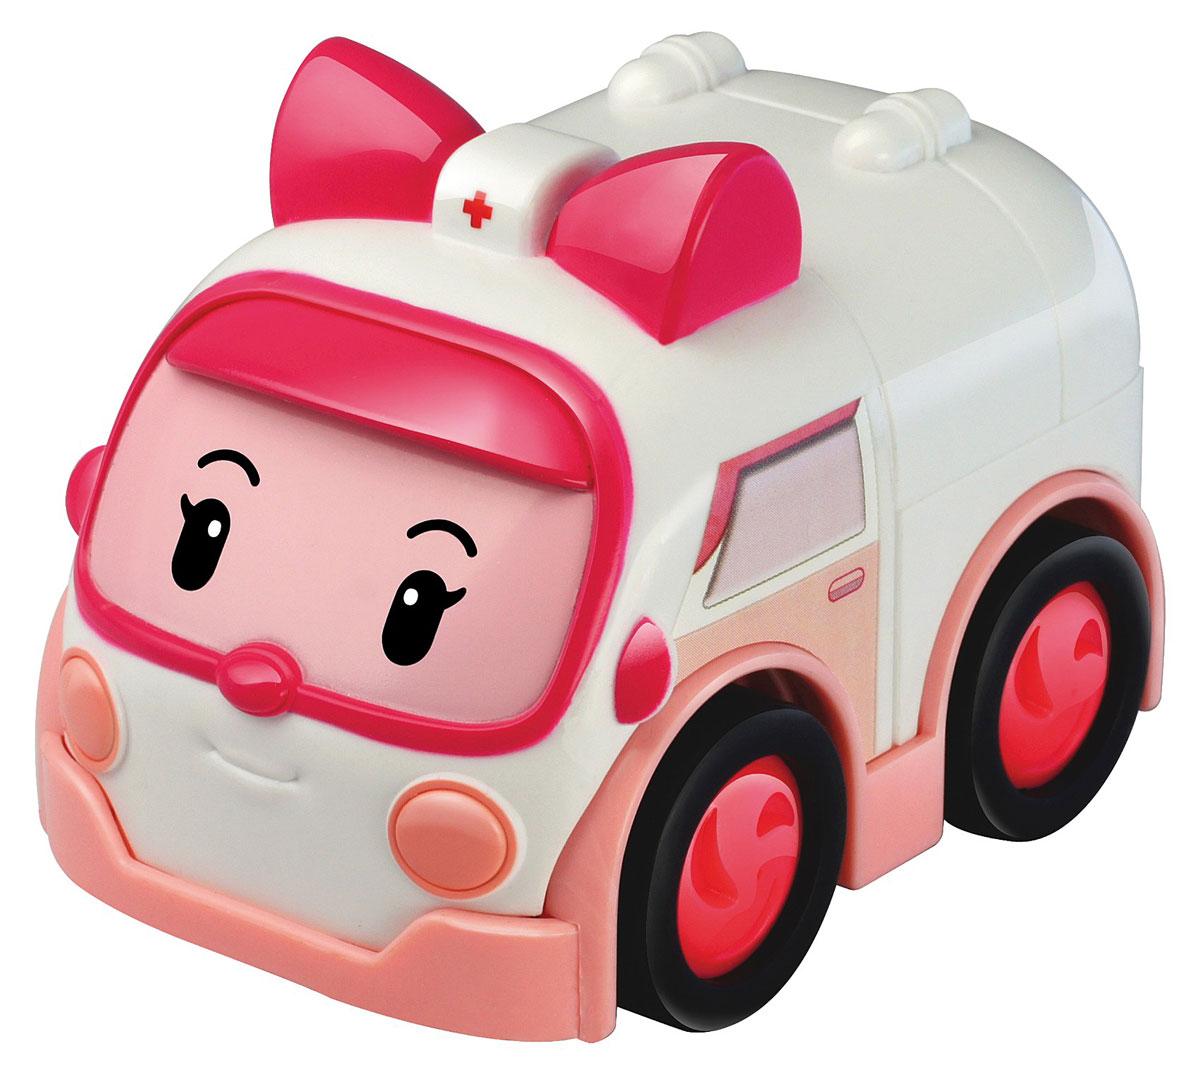 Robocar Poli Игрушка-трансформер Эмбер 7 см машины robocar poli машинка скорой помощи эмбер 6 см